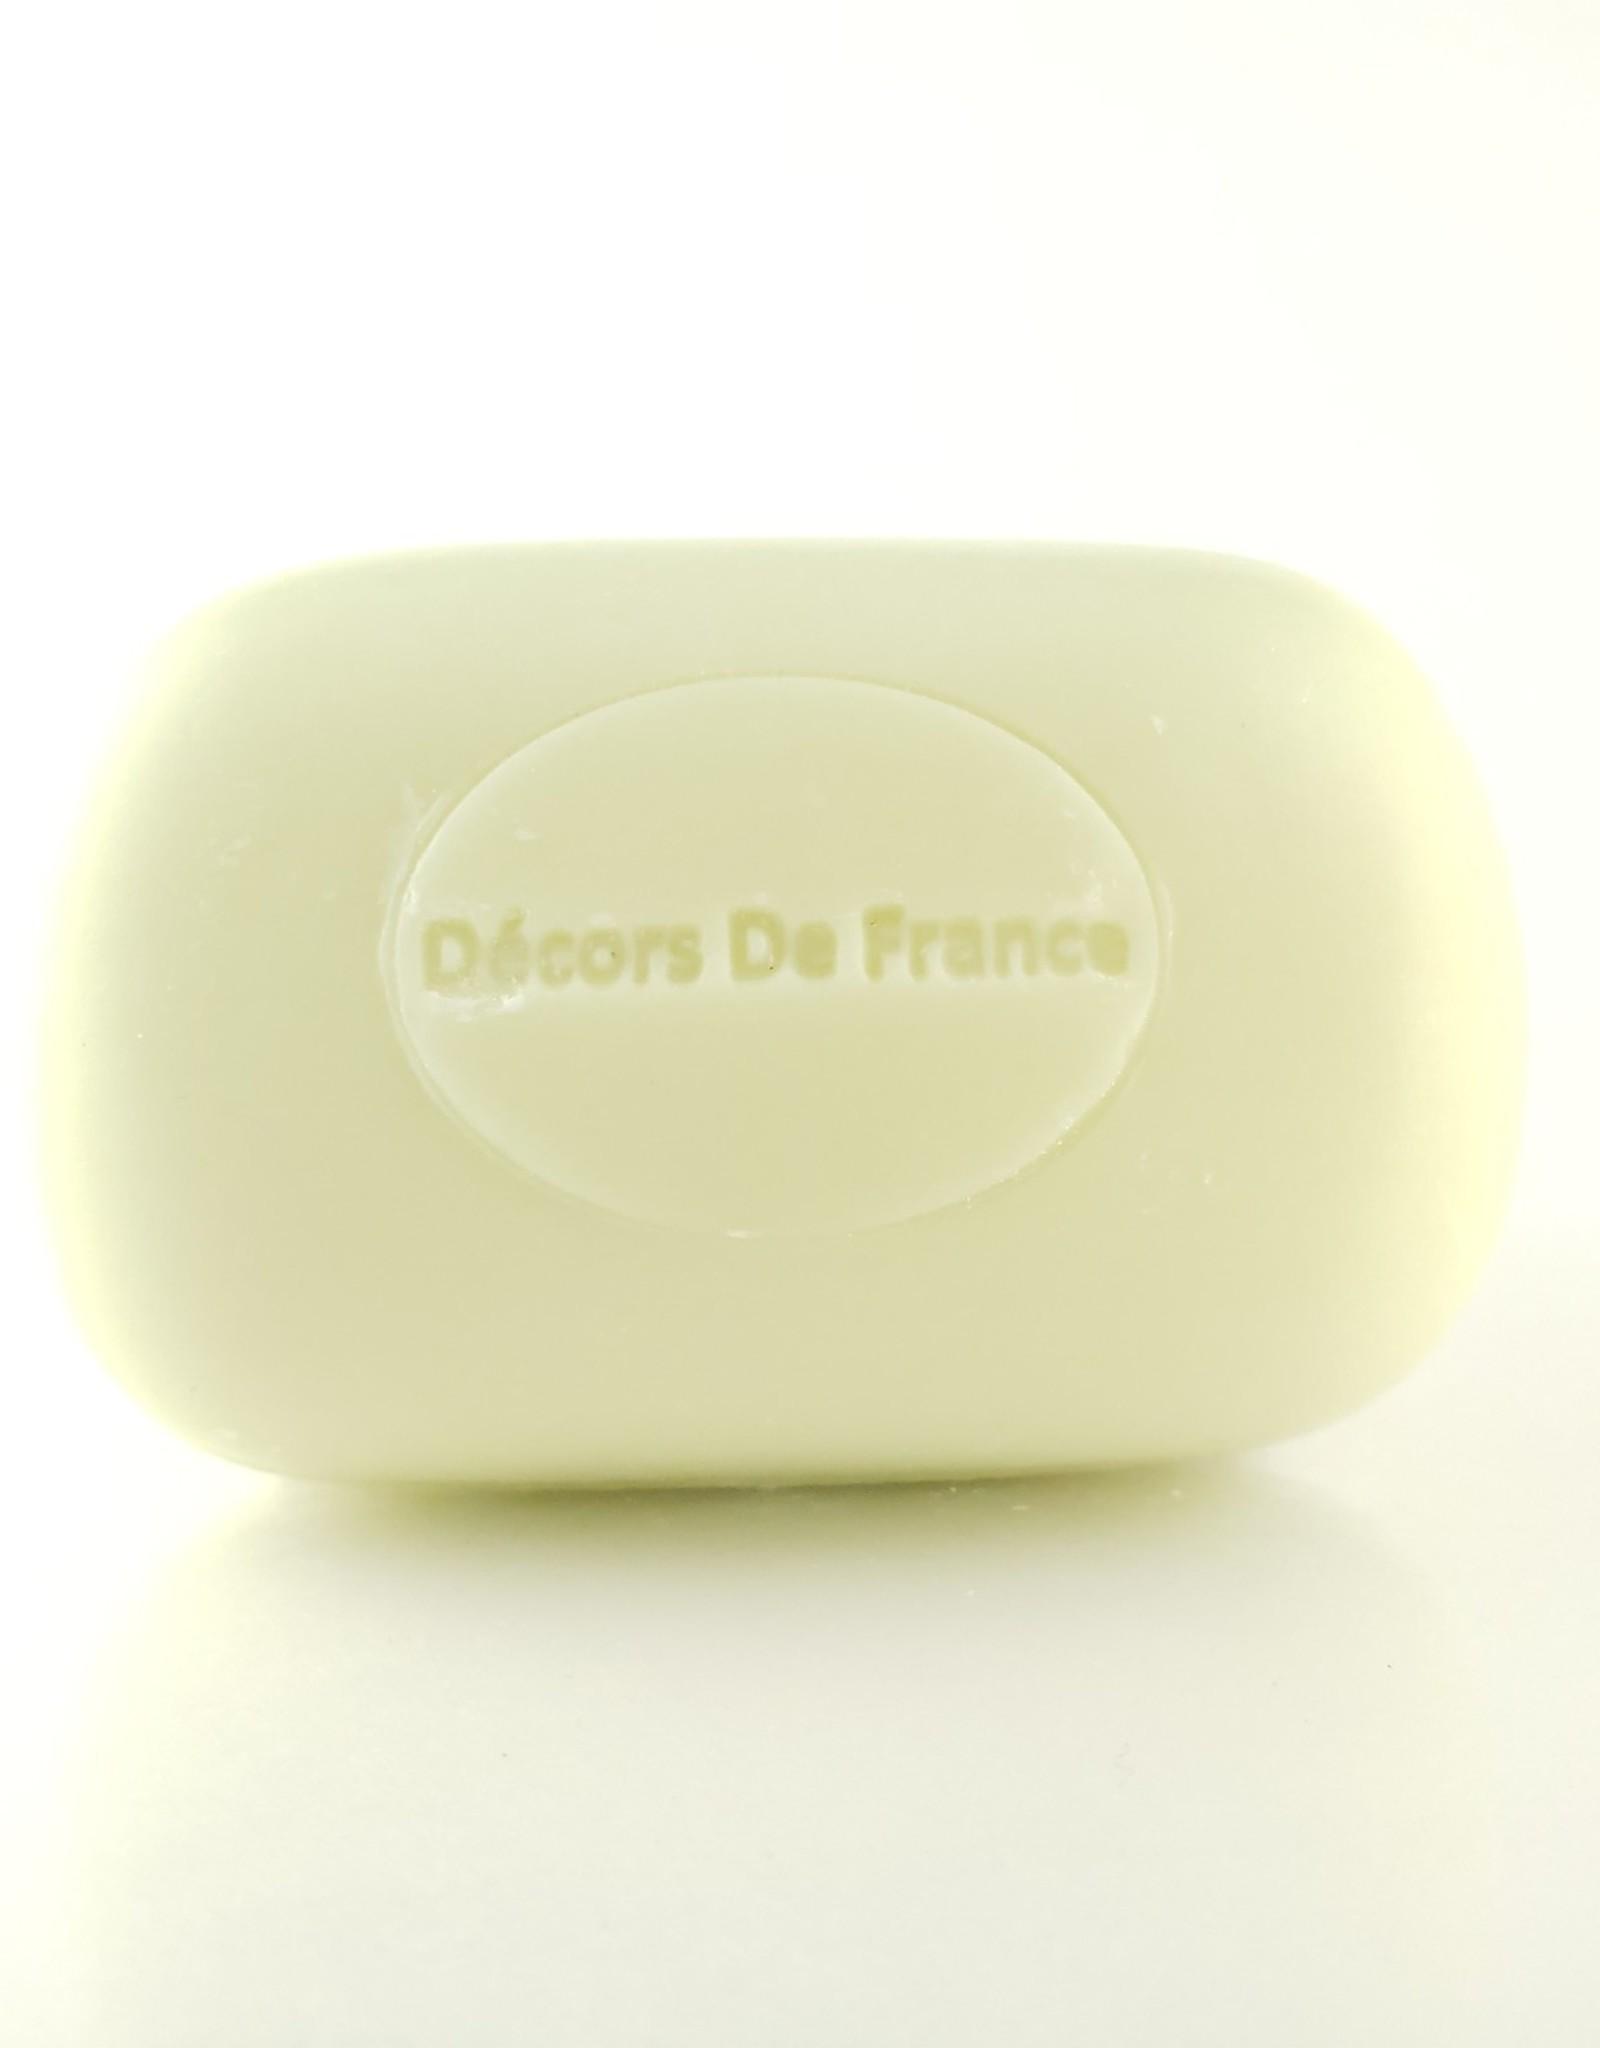 Linden 100g Curved Soap